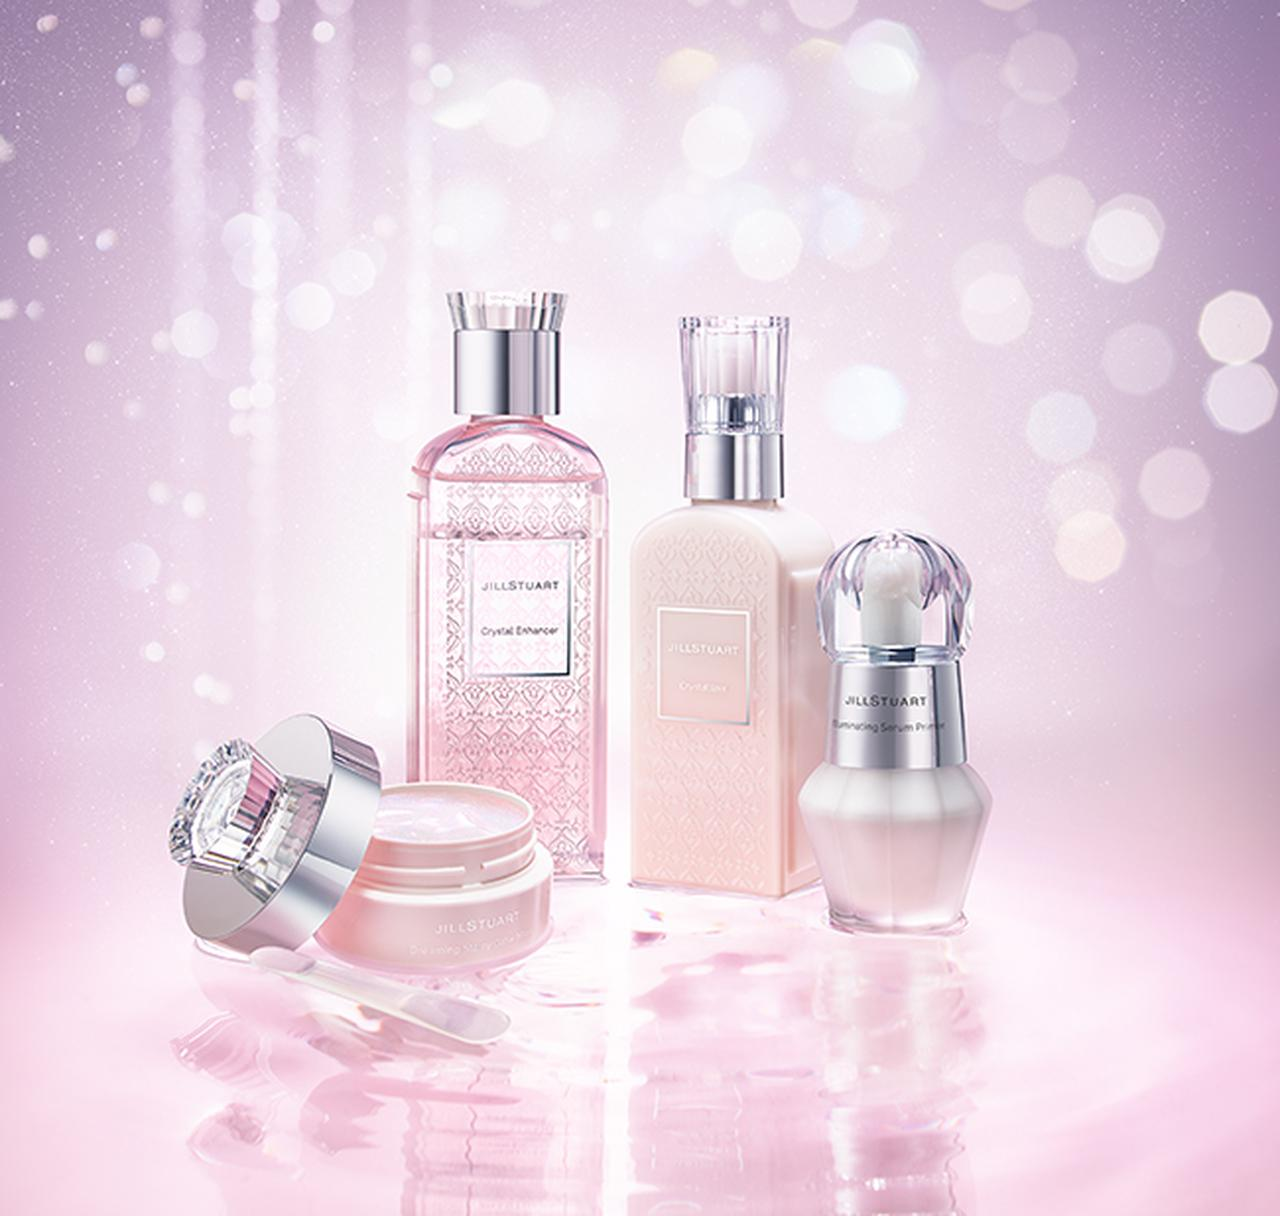 画像: JILL STUART lifestyle skincare   NEW ITEM   JILL STUART Beauty 公式サイト